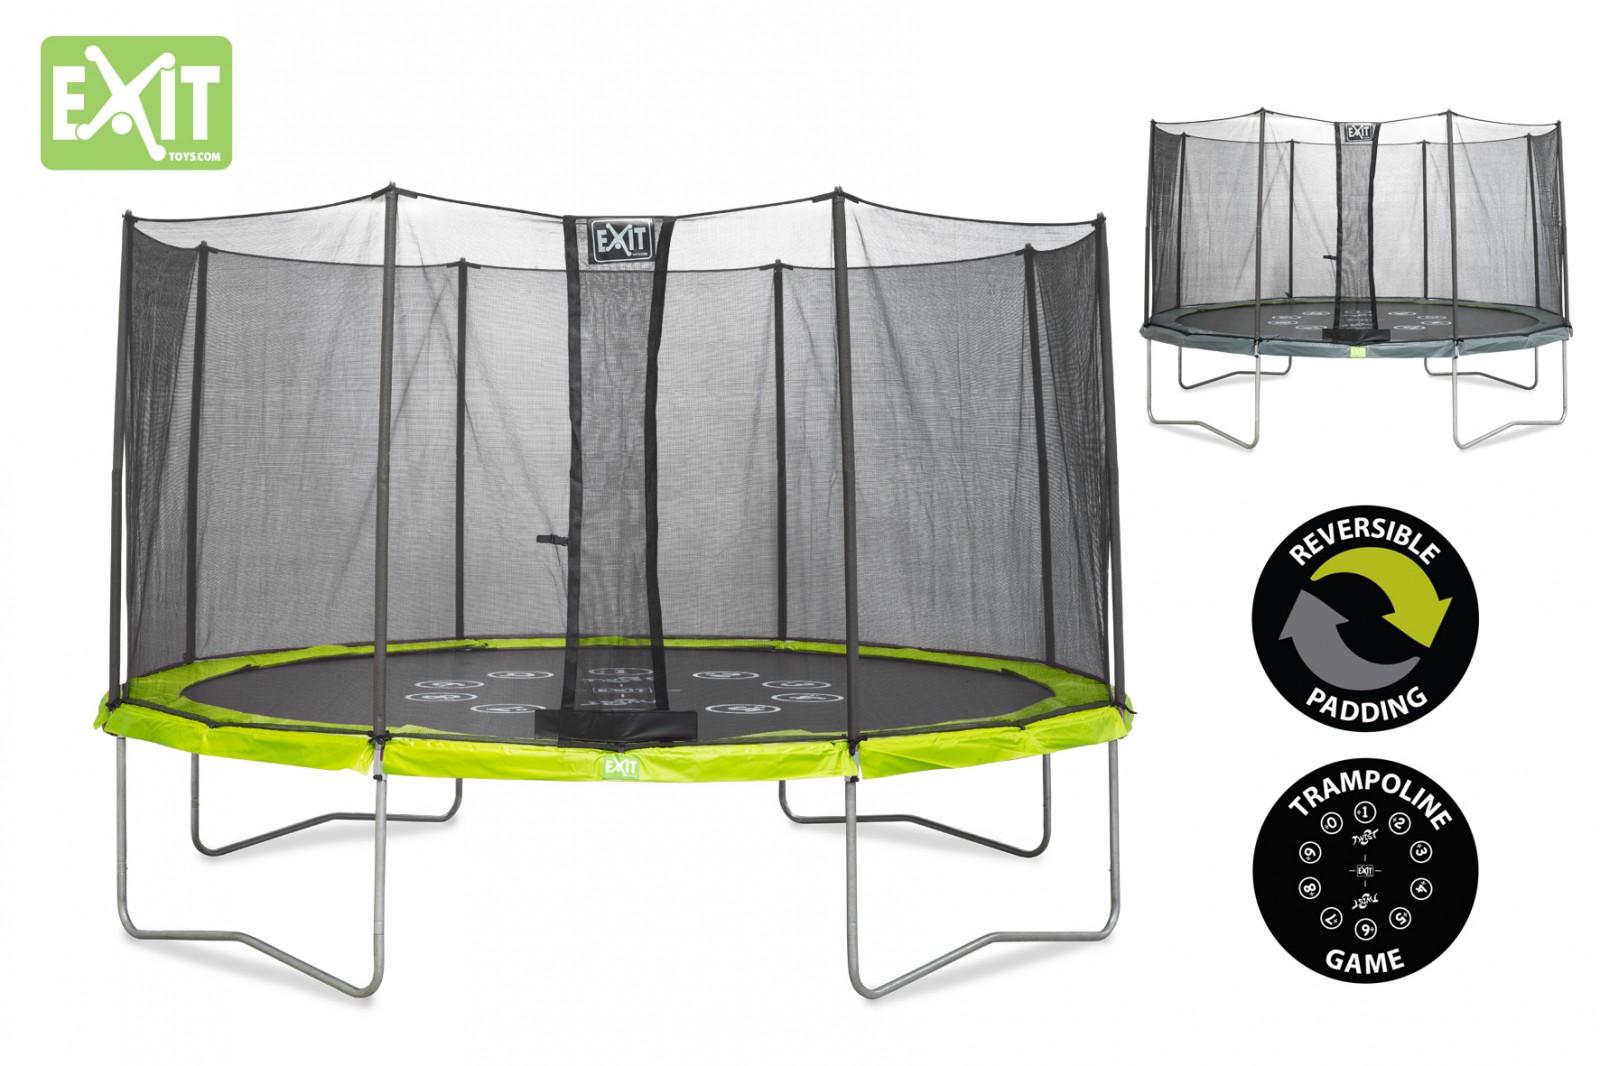 1ec9a2047d64 https   www.hopsej.cz n trampoliny-berg-skladem weekly https   www ...